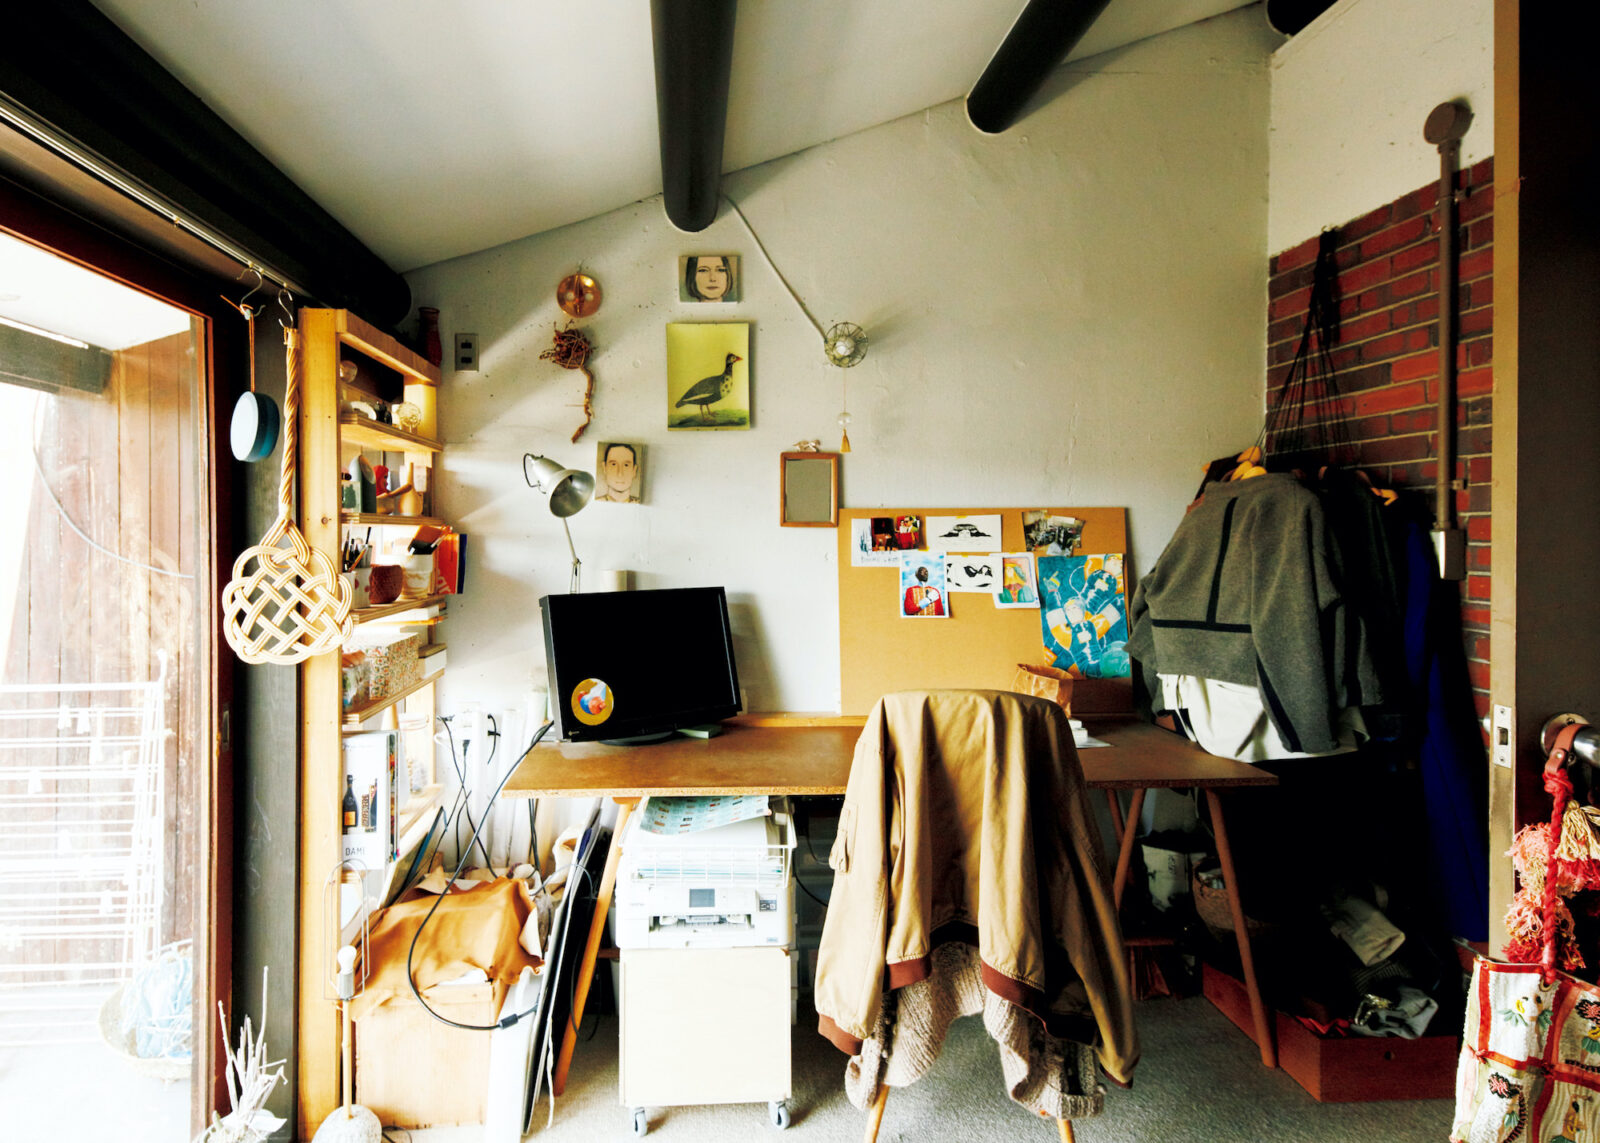 2階西側のバルコニーに面した服部さんの書斎。リモートワークが増え、書斎が「気持ちのいい空間」であることの大切さを痛感したという。面積は4畳半程度で、子供部屋にもちょうどいい広さ。斜めの天井と黒い梁が空間にアクセントをつけている。